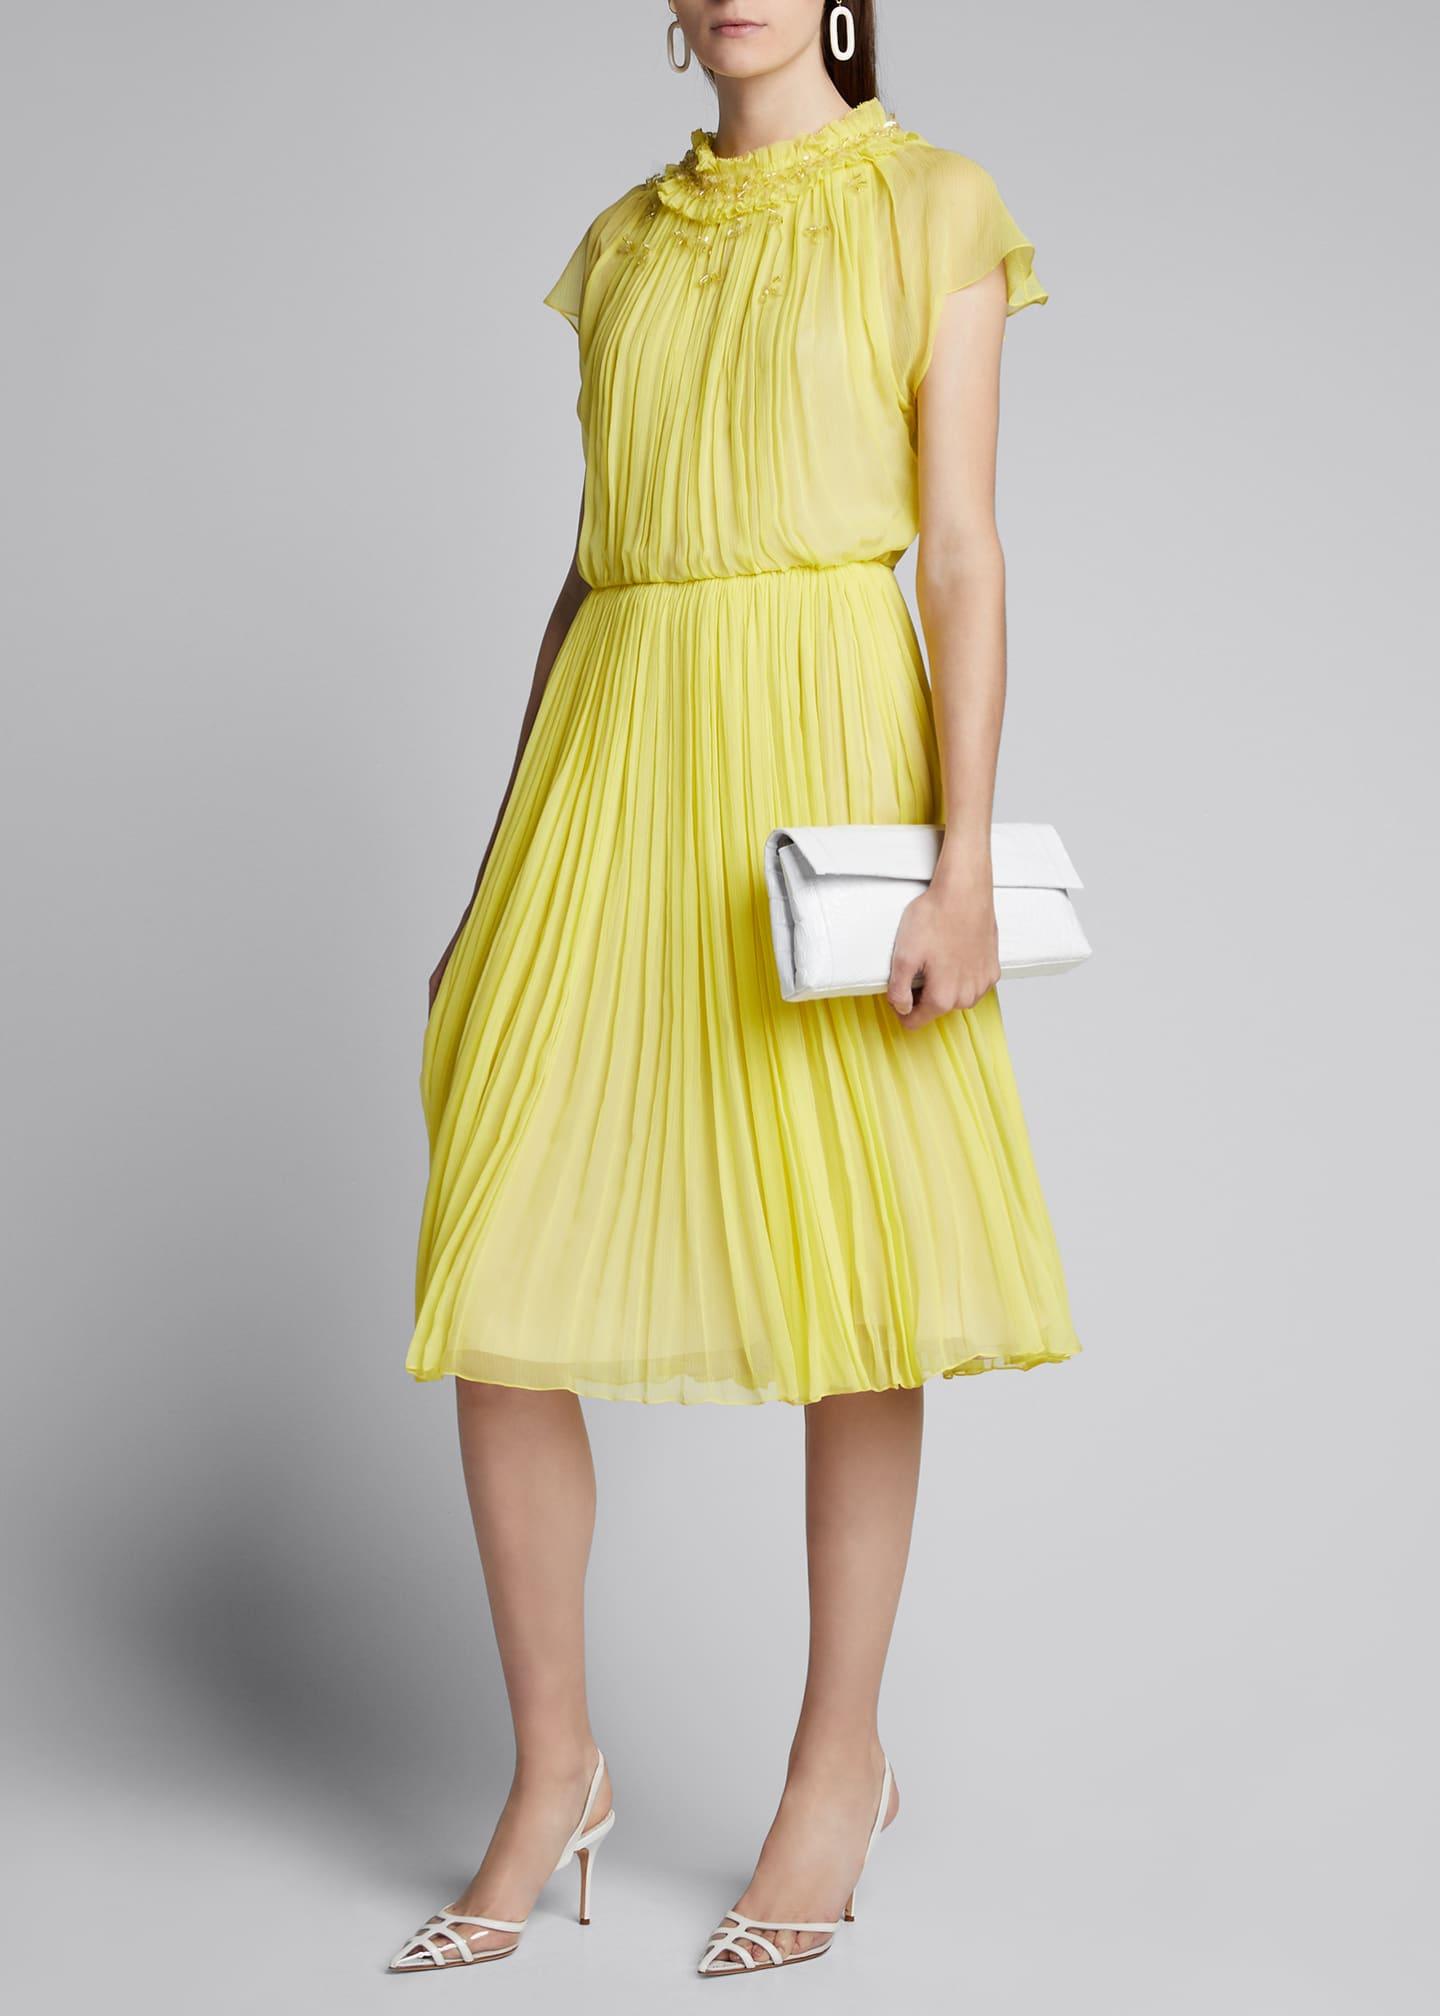 Jason Wu Collection Crinkled Chiffon Day Dress